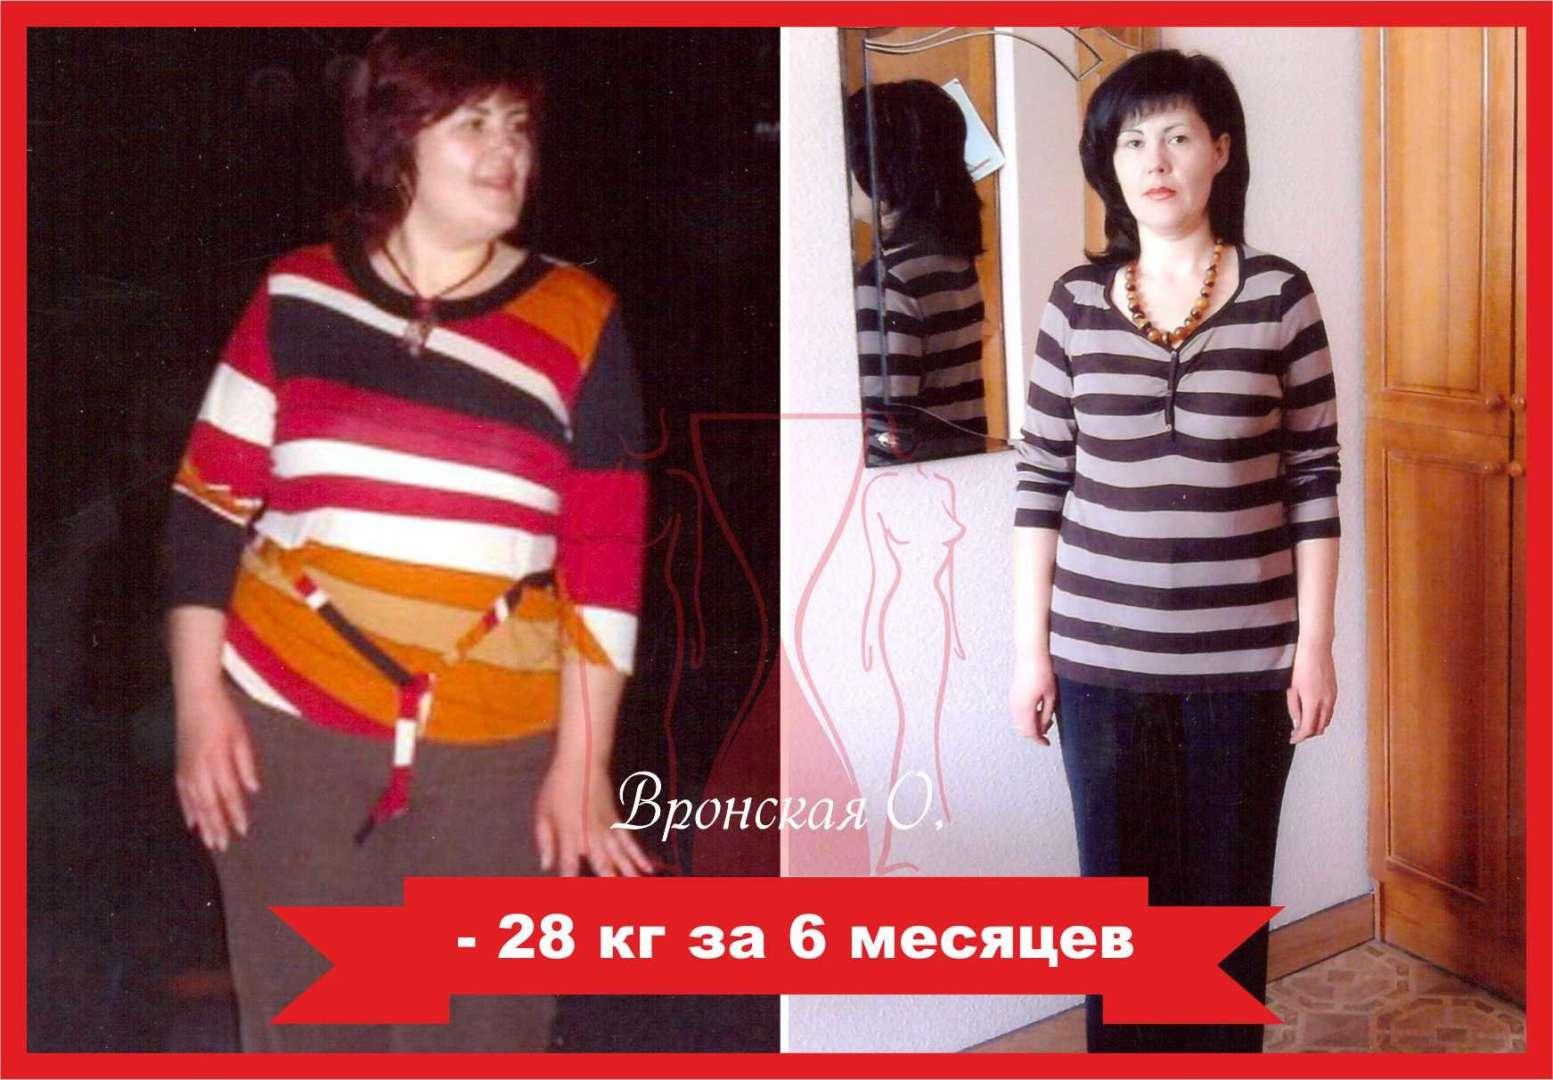 Челябинск клиника для похудения